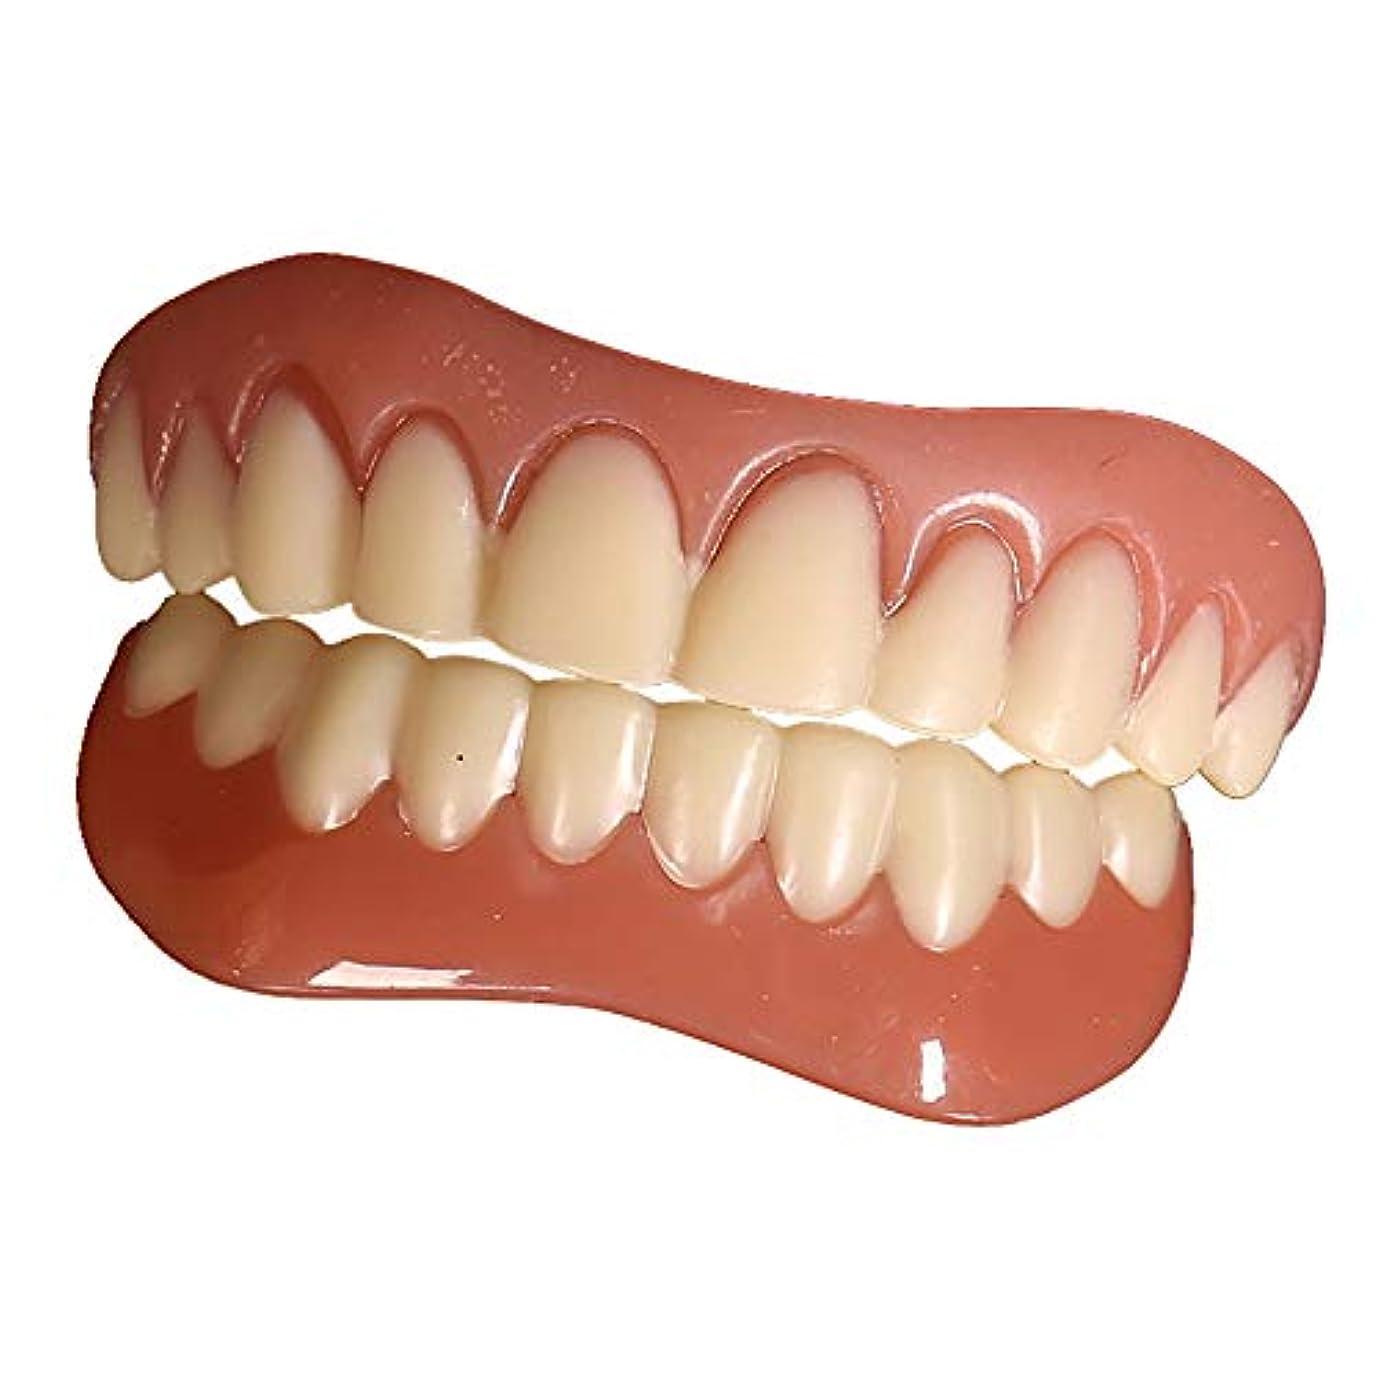 スキーム感嘆しつけパーフェクトインスタントスマイルティースベニアインスタント美容義歯上下歯2個入り(フリーサイズ(中)